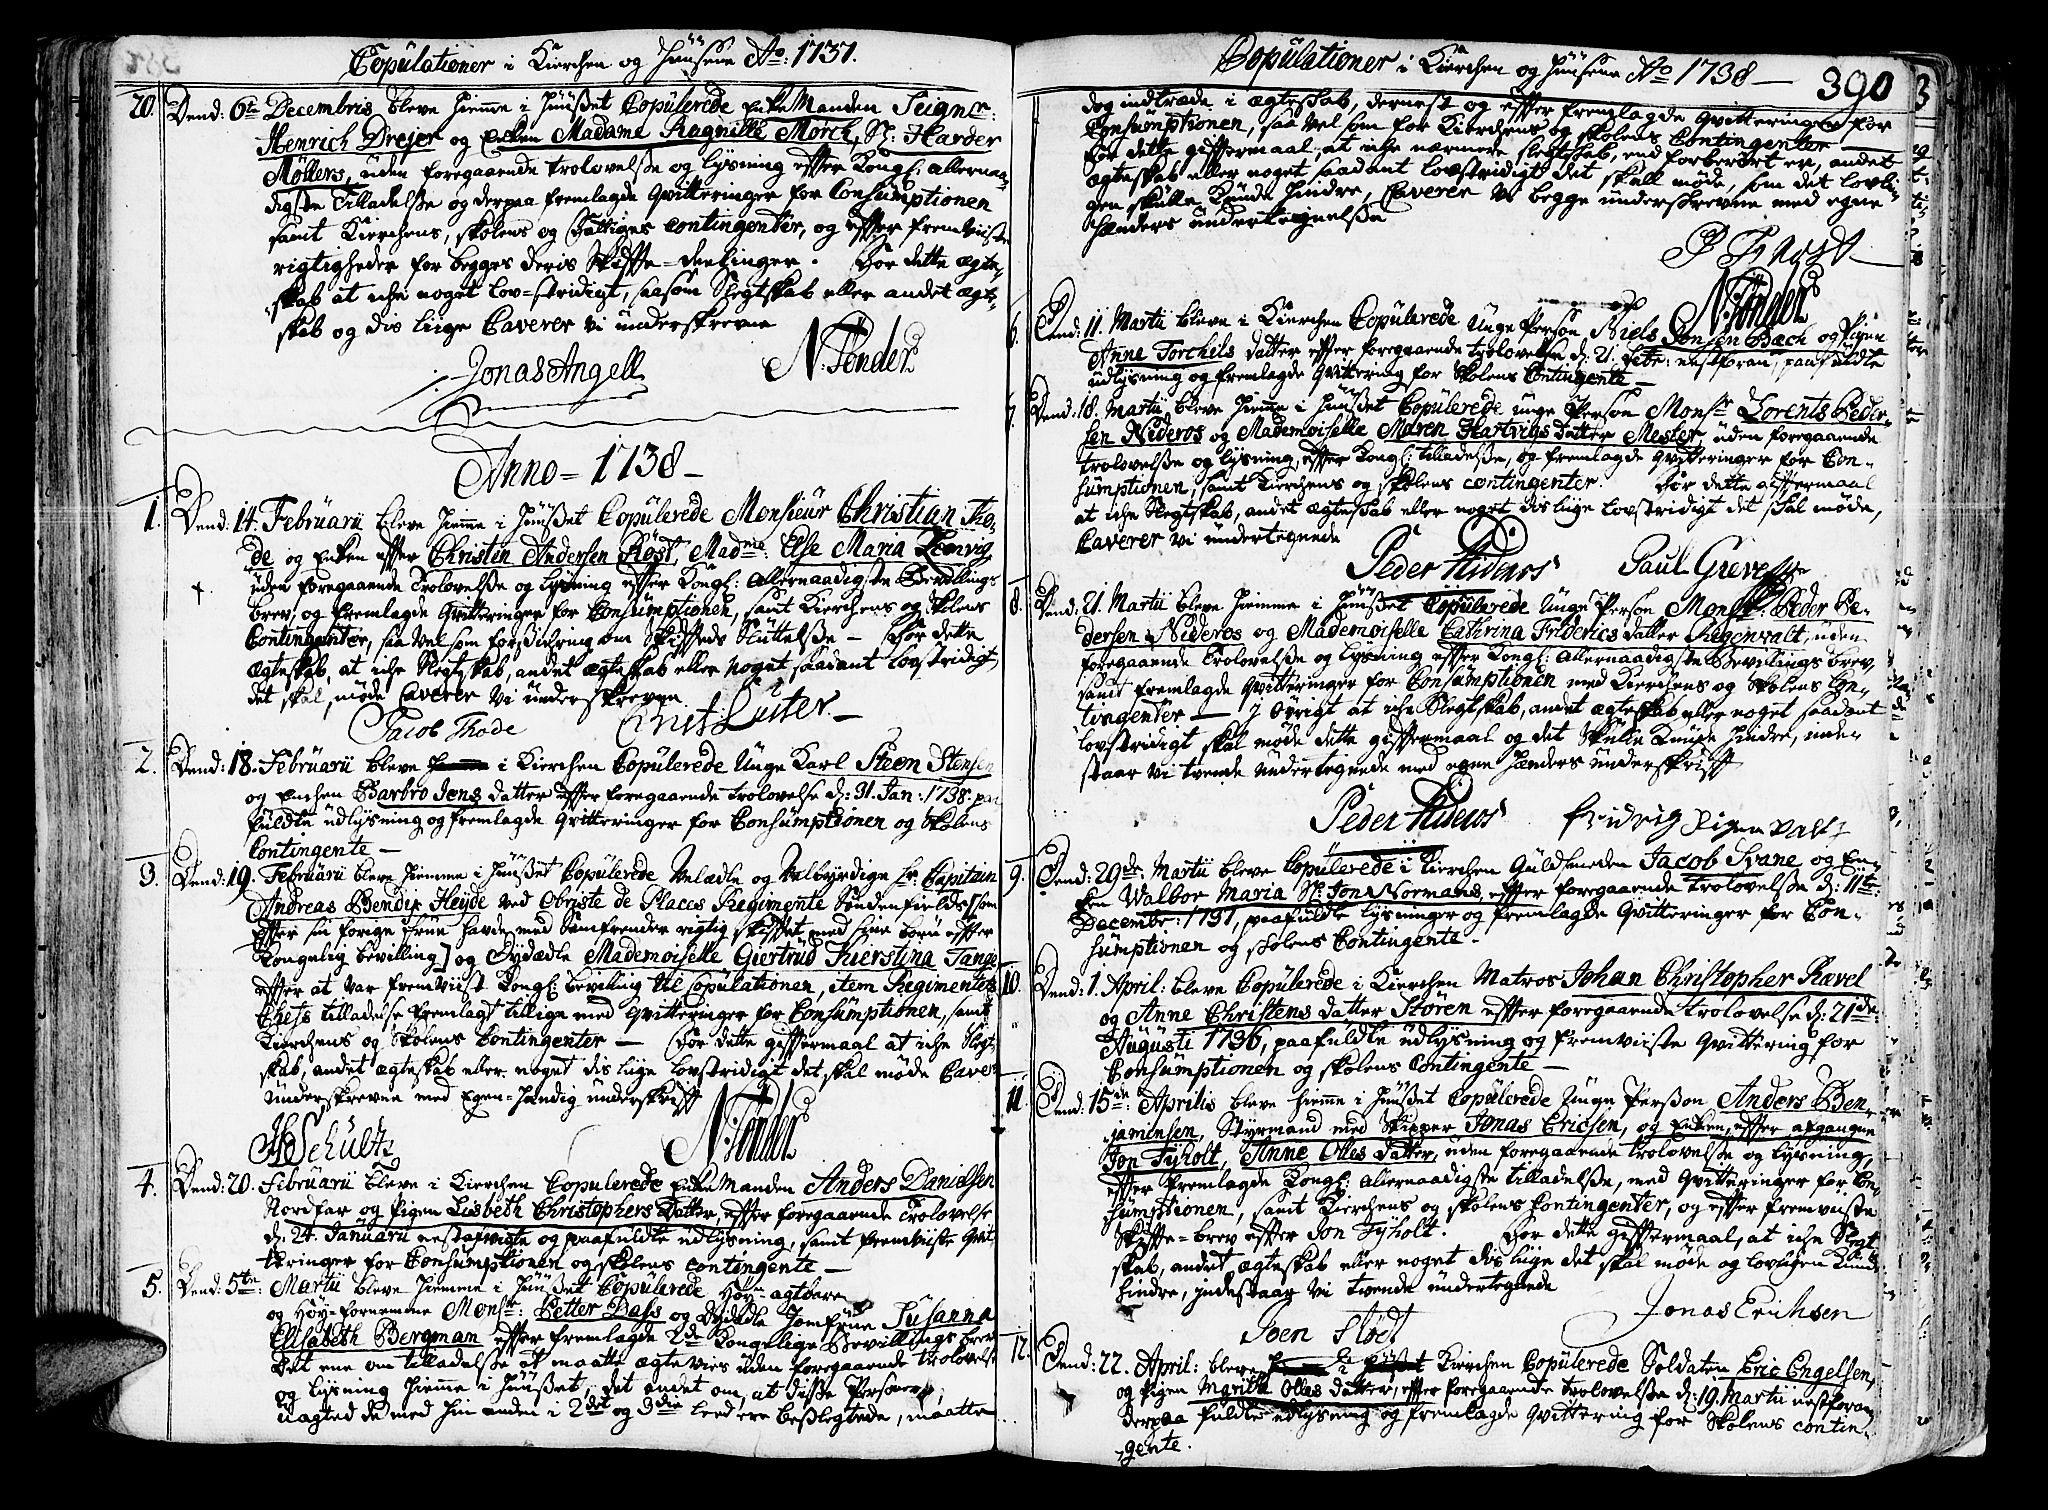 SAT, Ministerialprotokoller, klokkerbøker og fødselsregistre - Sør-Trøndelag, 602/L0103: Ministerialbok nr. 602A01, 1732-1774, s. 390